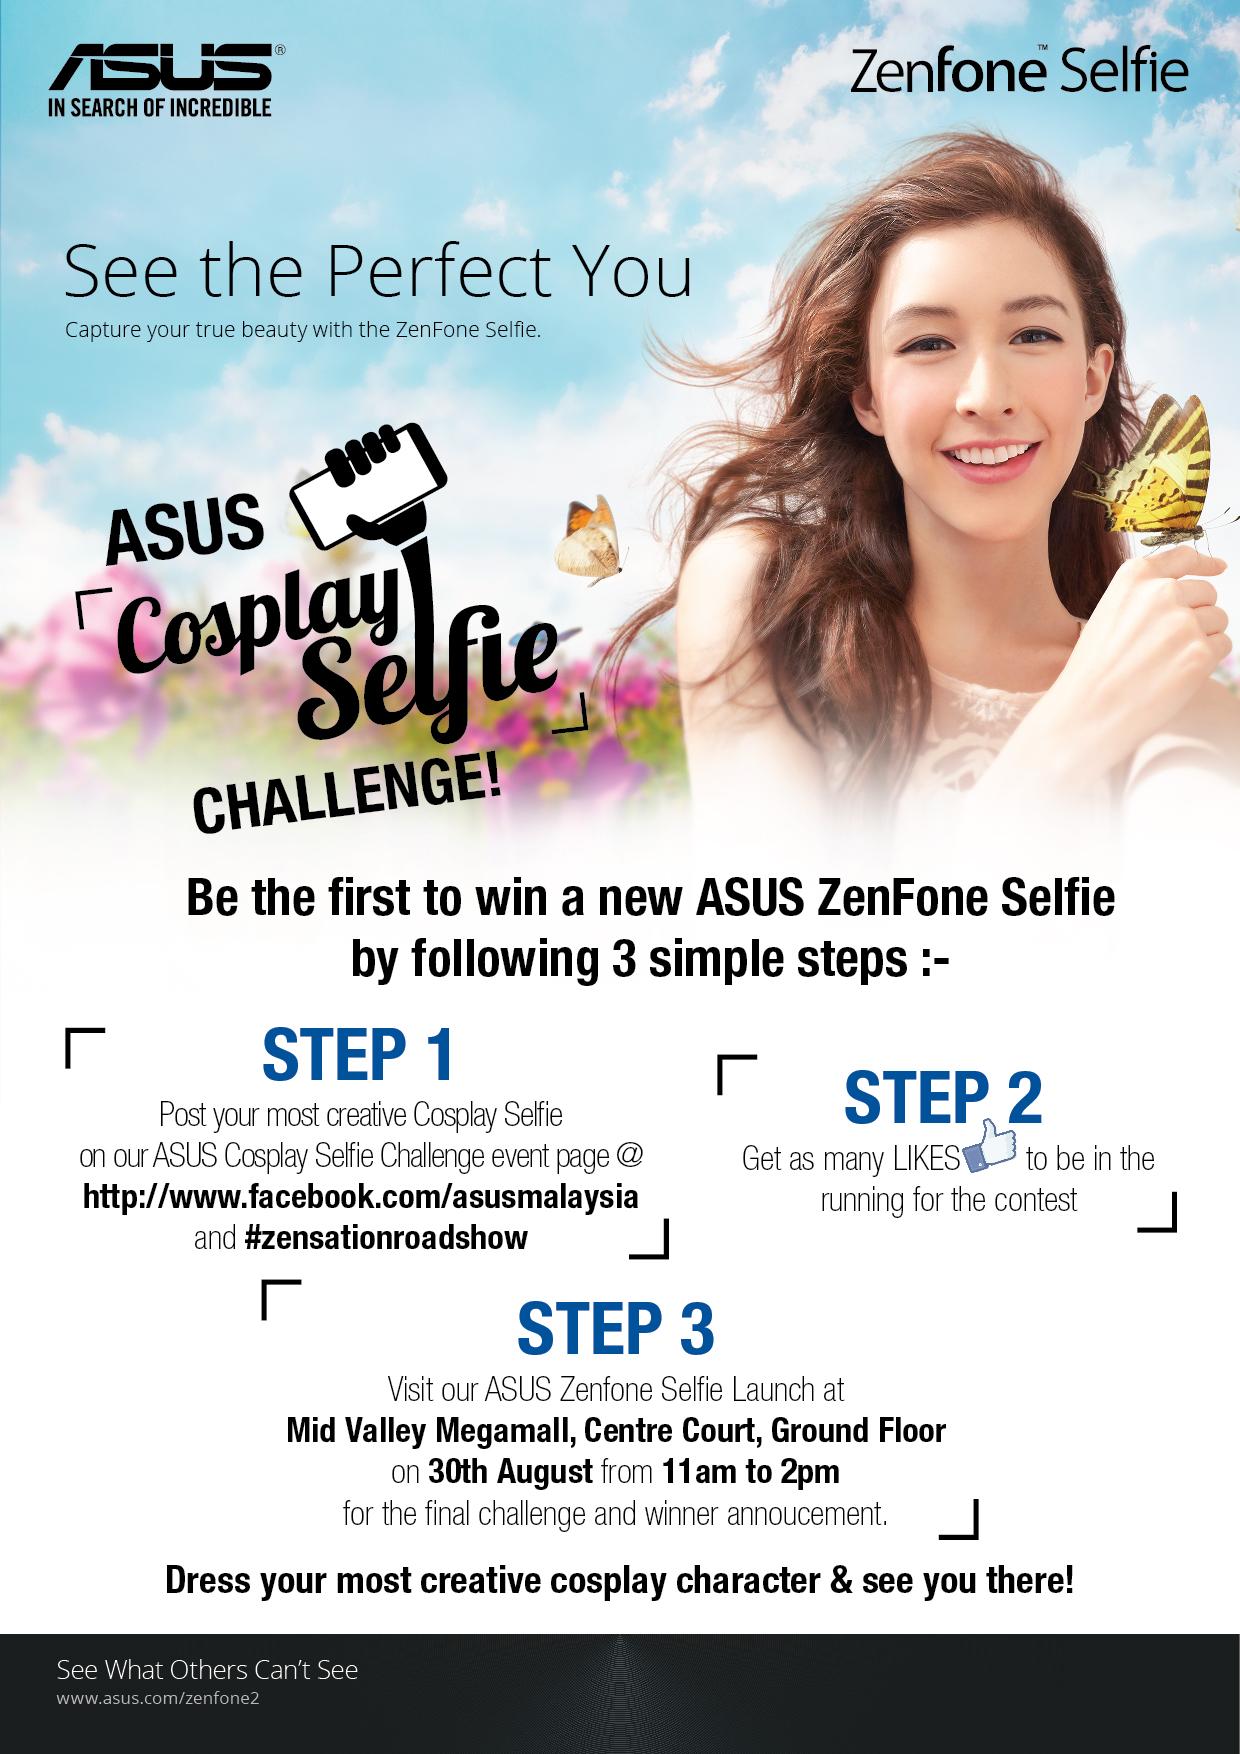 ASUS Cosplay Selfie Challenge